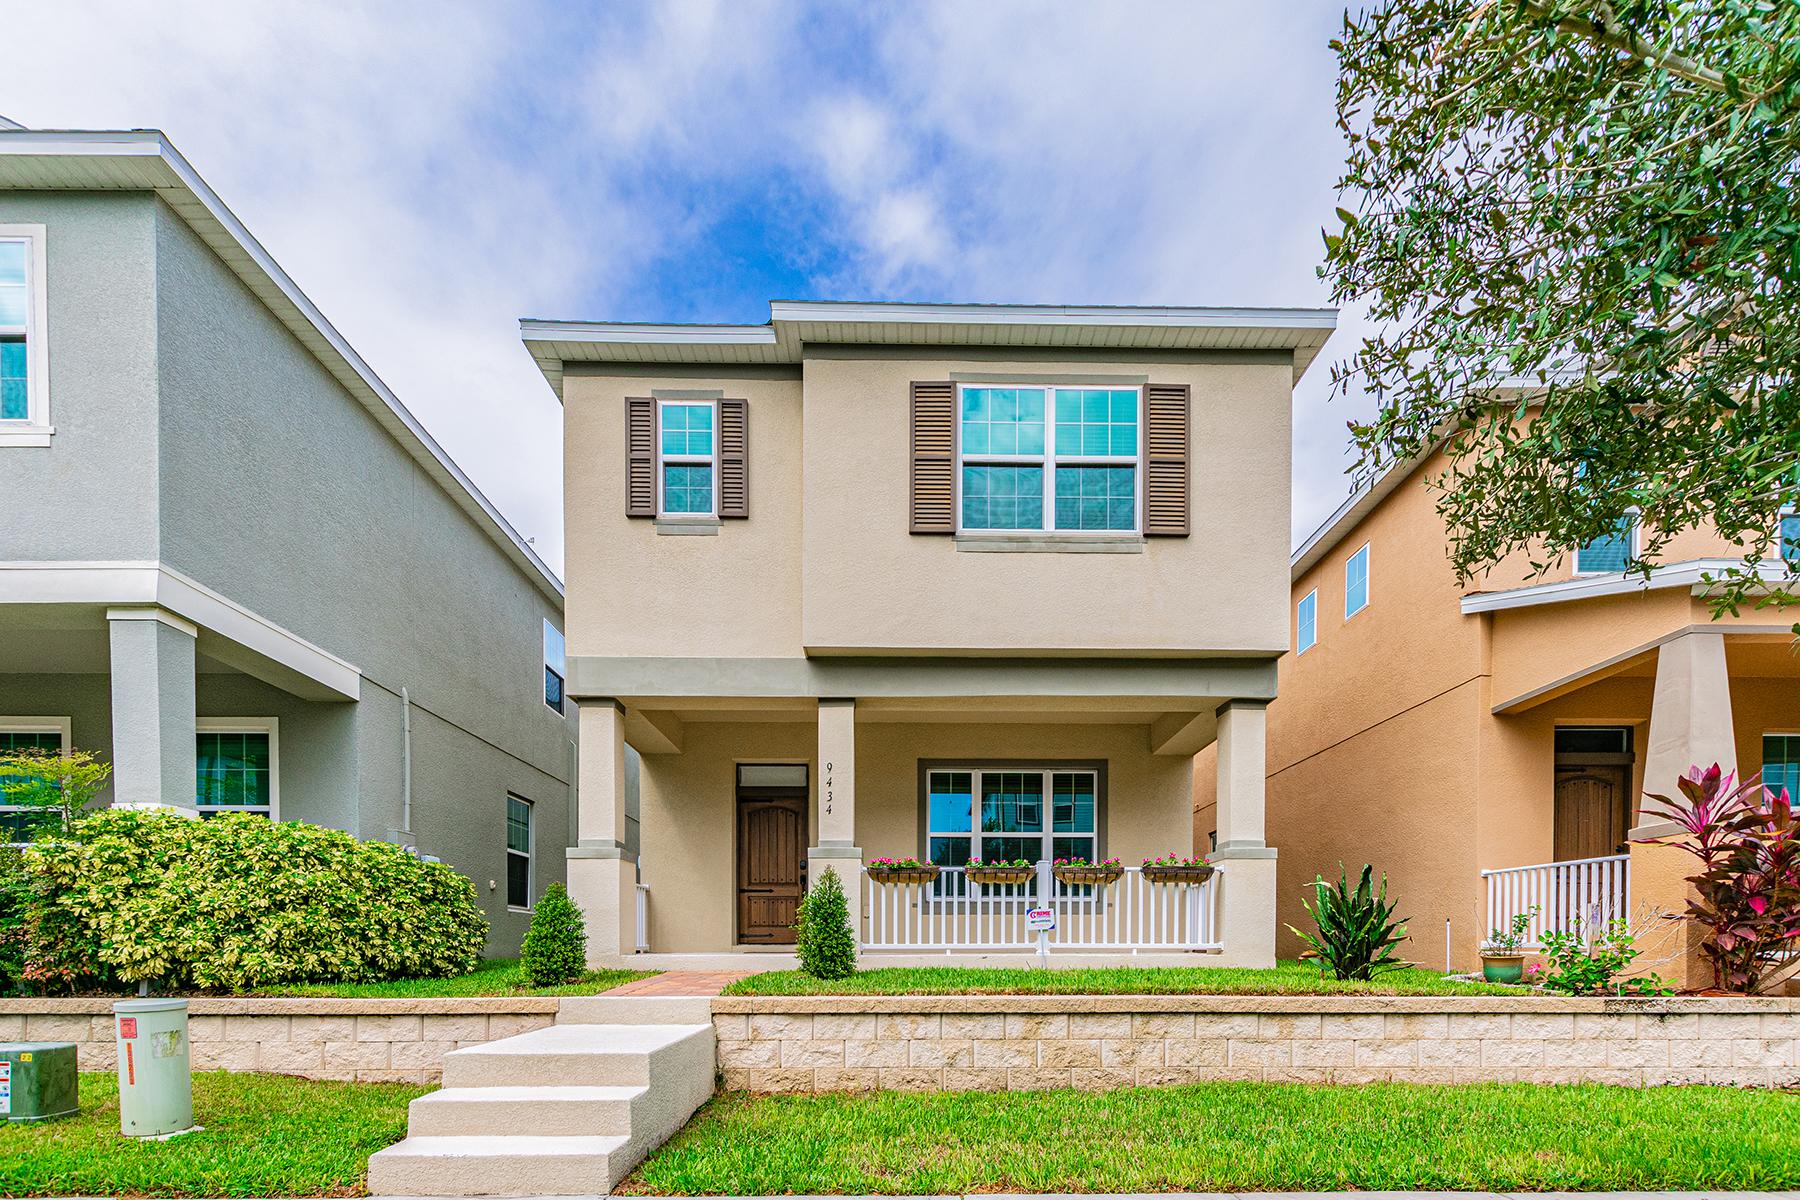 Single Family Homes için Satış at WINTER GARDEN 9434 Woodcrane Dr, Winter Garden, Florida 34787 Amerika Birleşik Devletleri